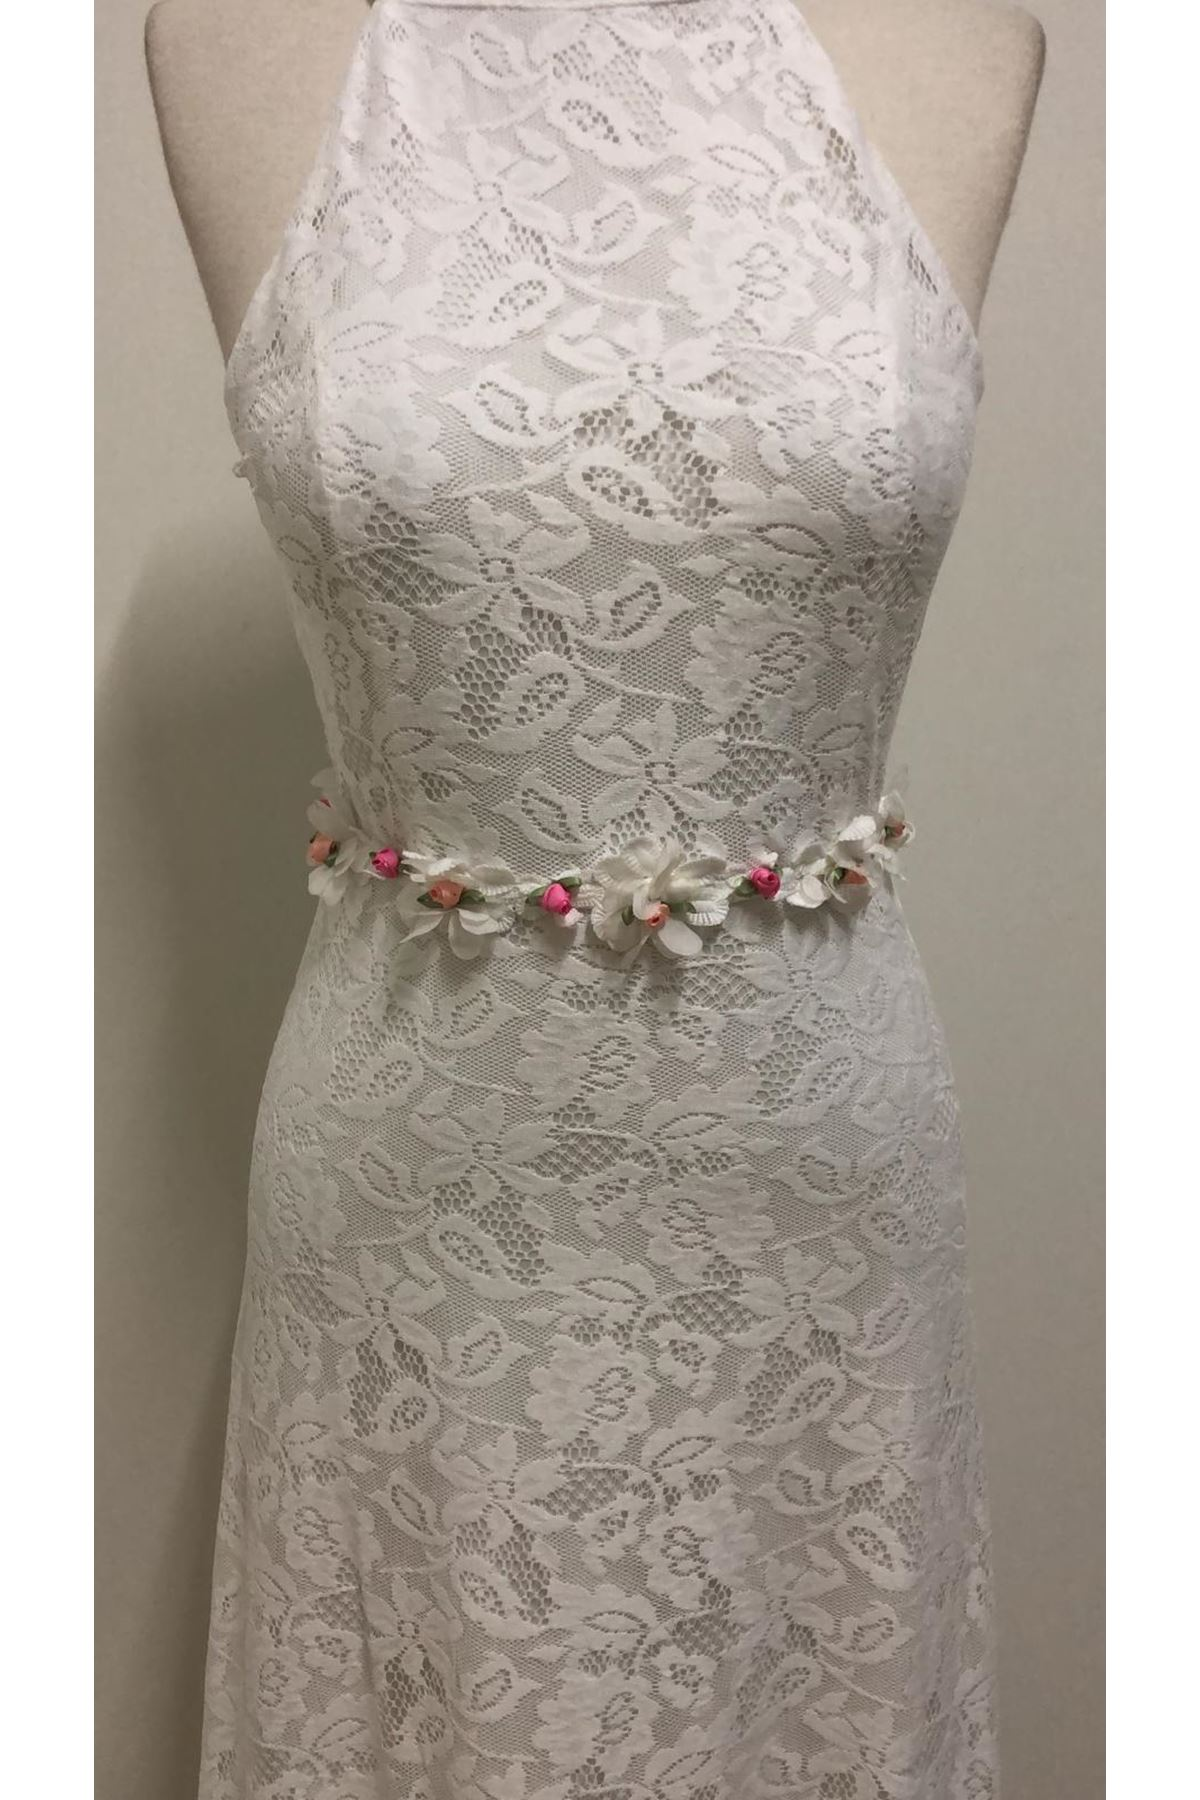 Brode Maxi Beyaz Elbise - BEYAZ